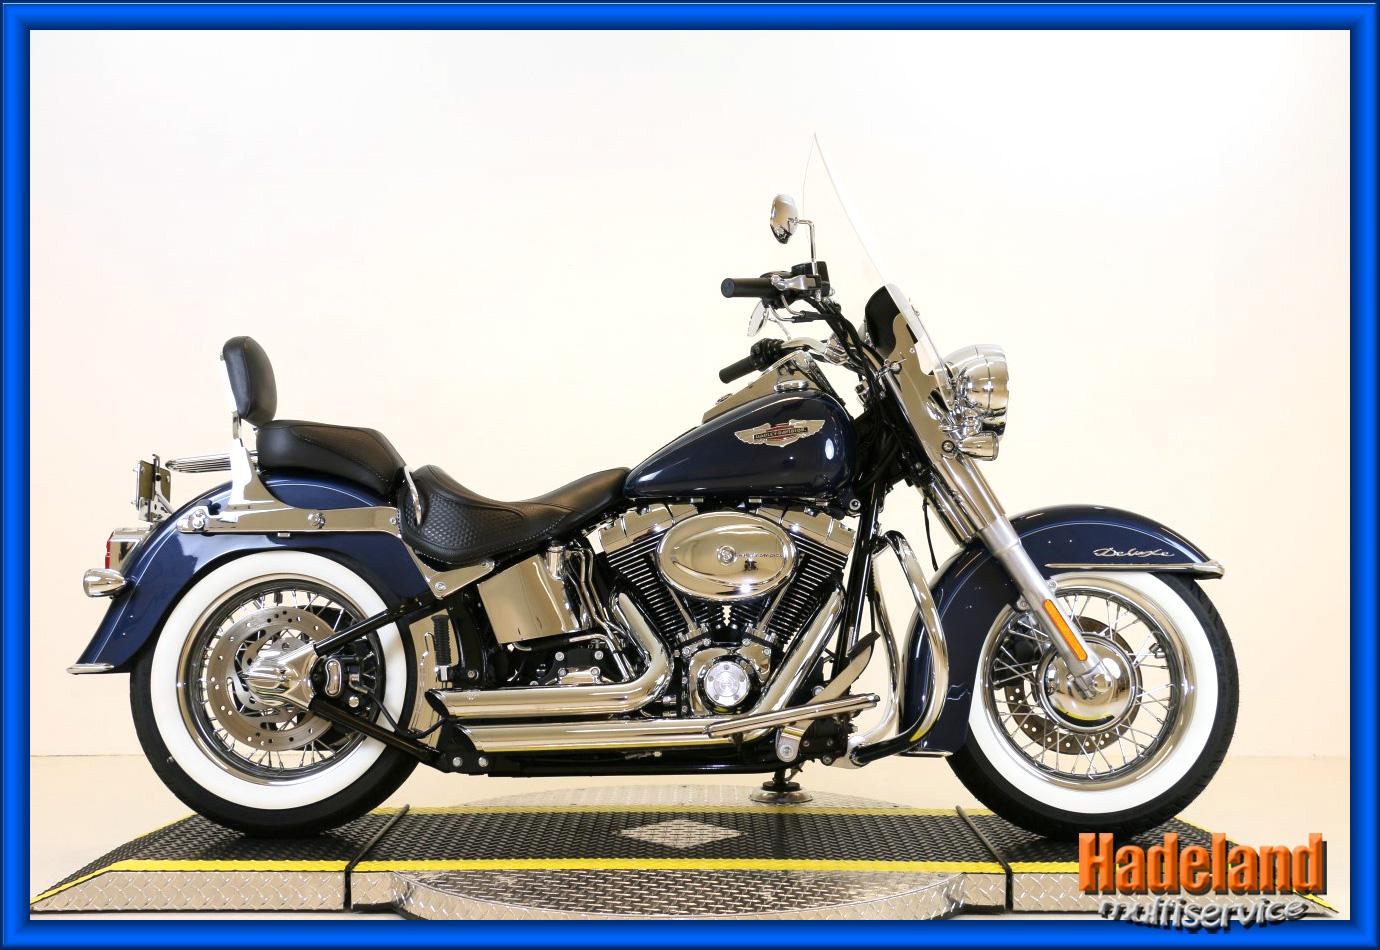 2008 HD Deluxe 074643